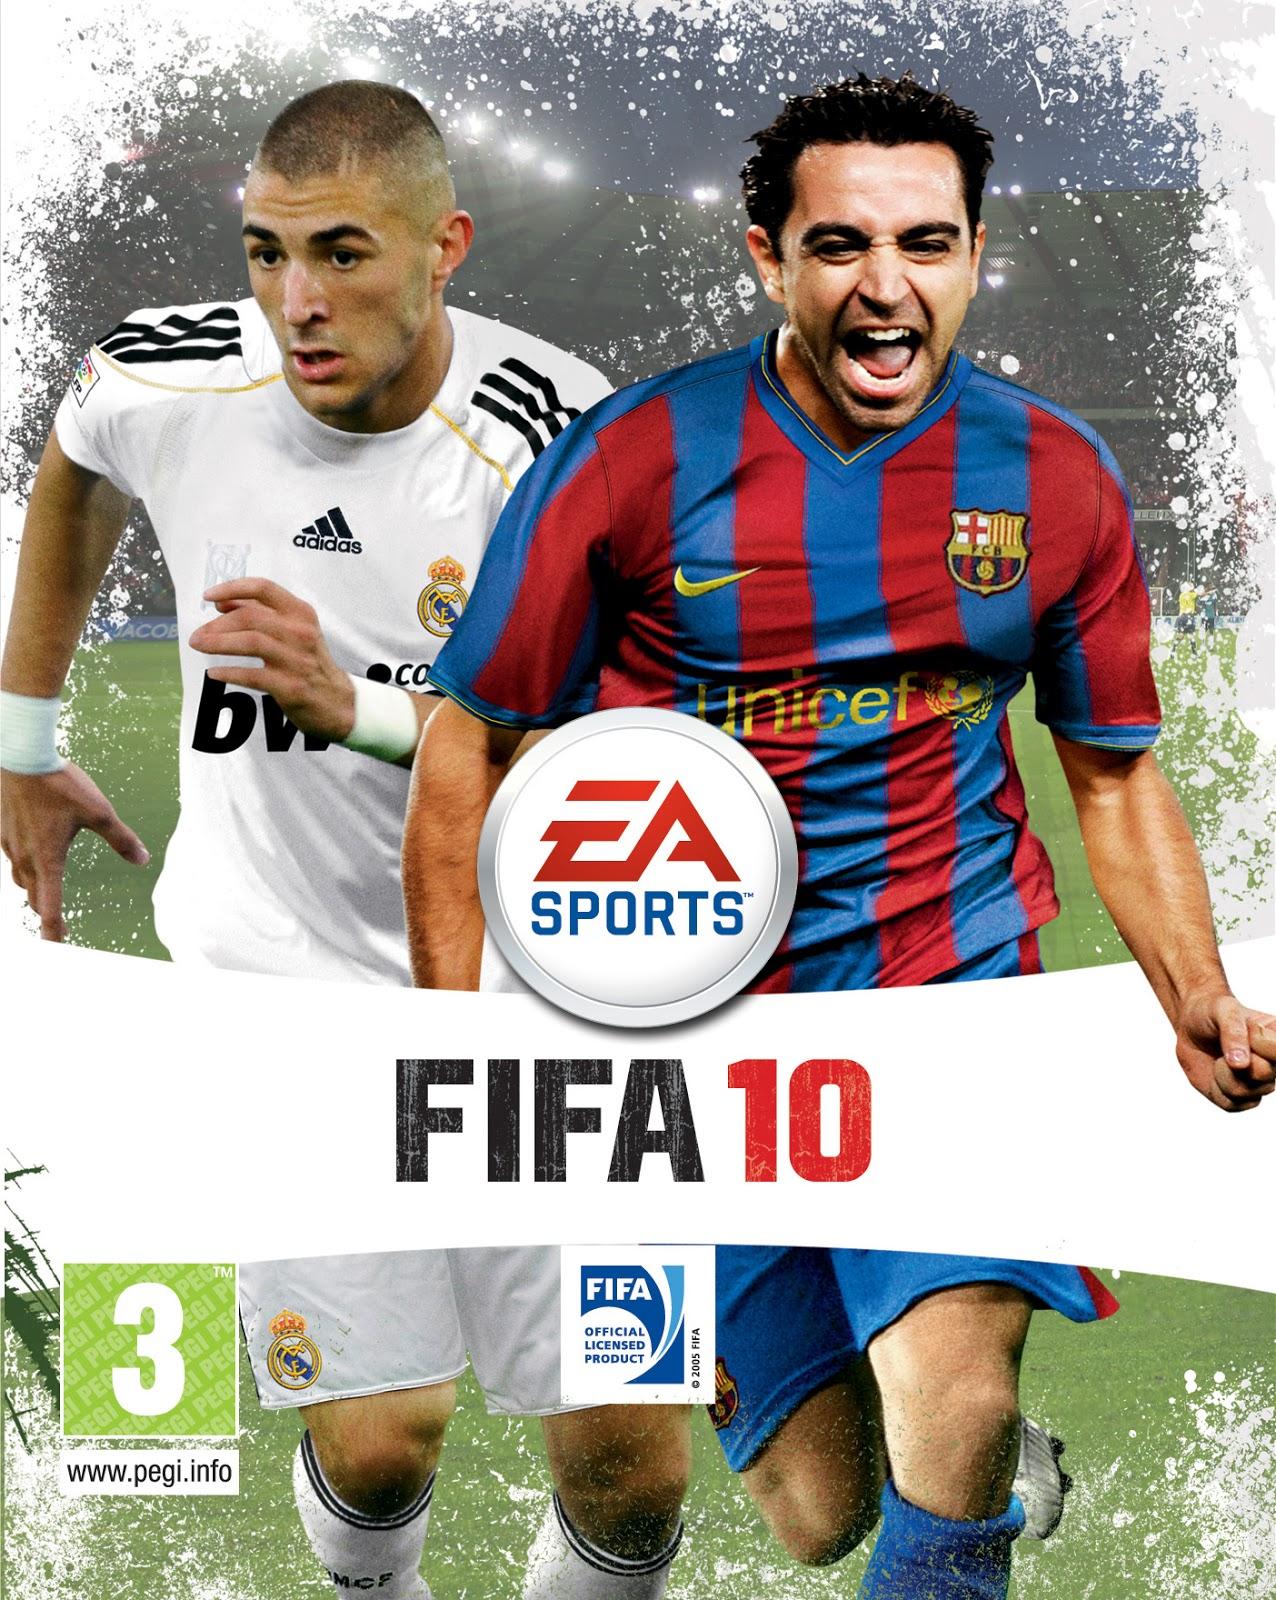 تحميل لعبه فيفا 2010 fifa 2010 مضغوطة بحجم صغير جدا من ميديا فاير